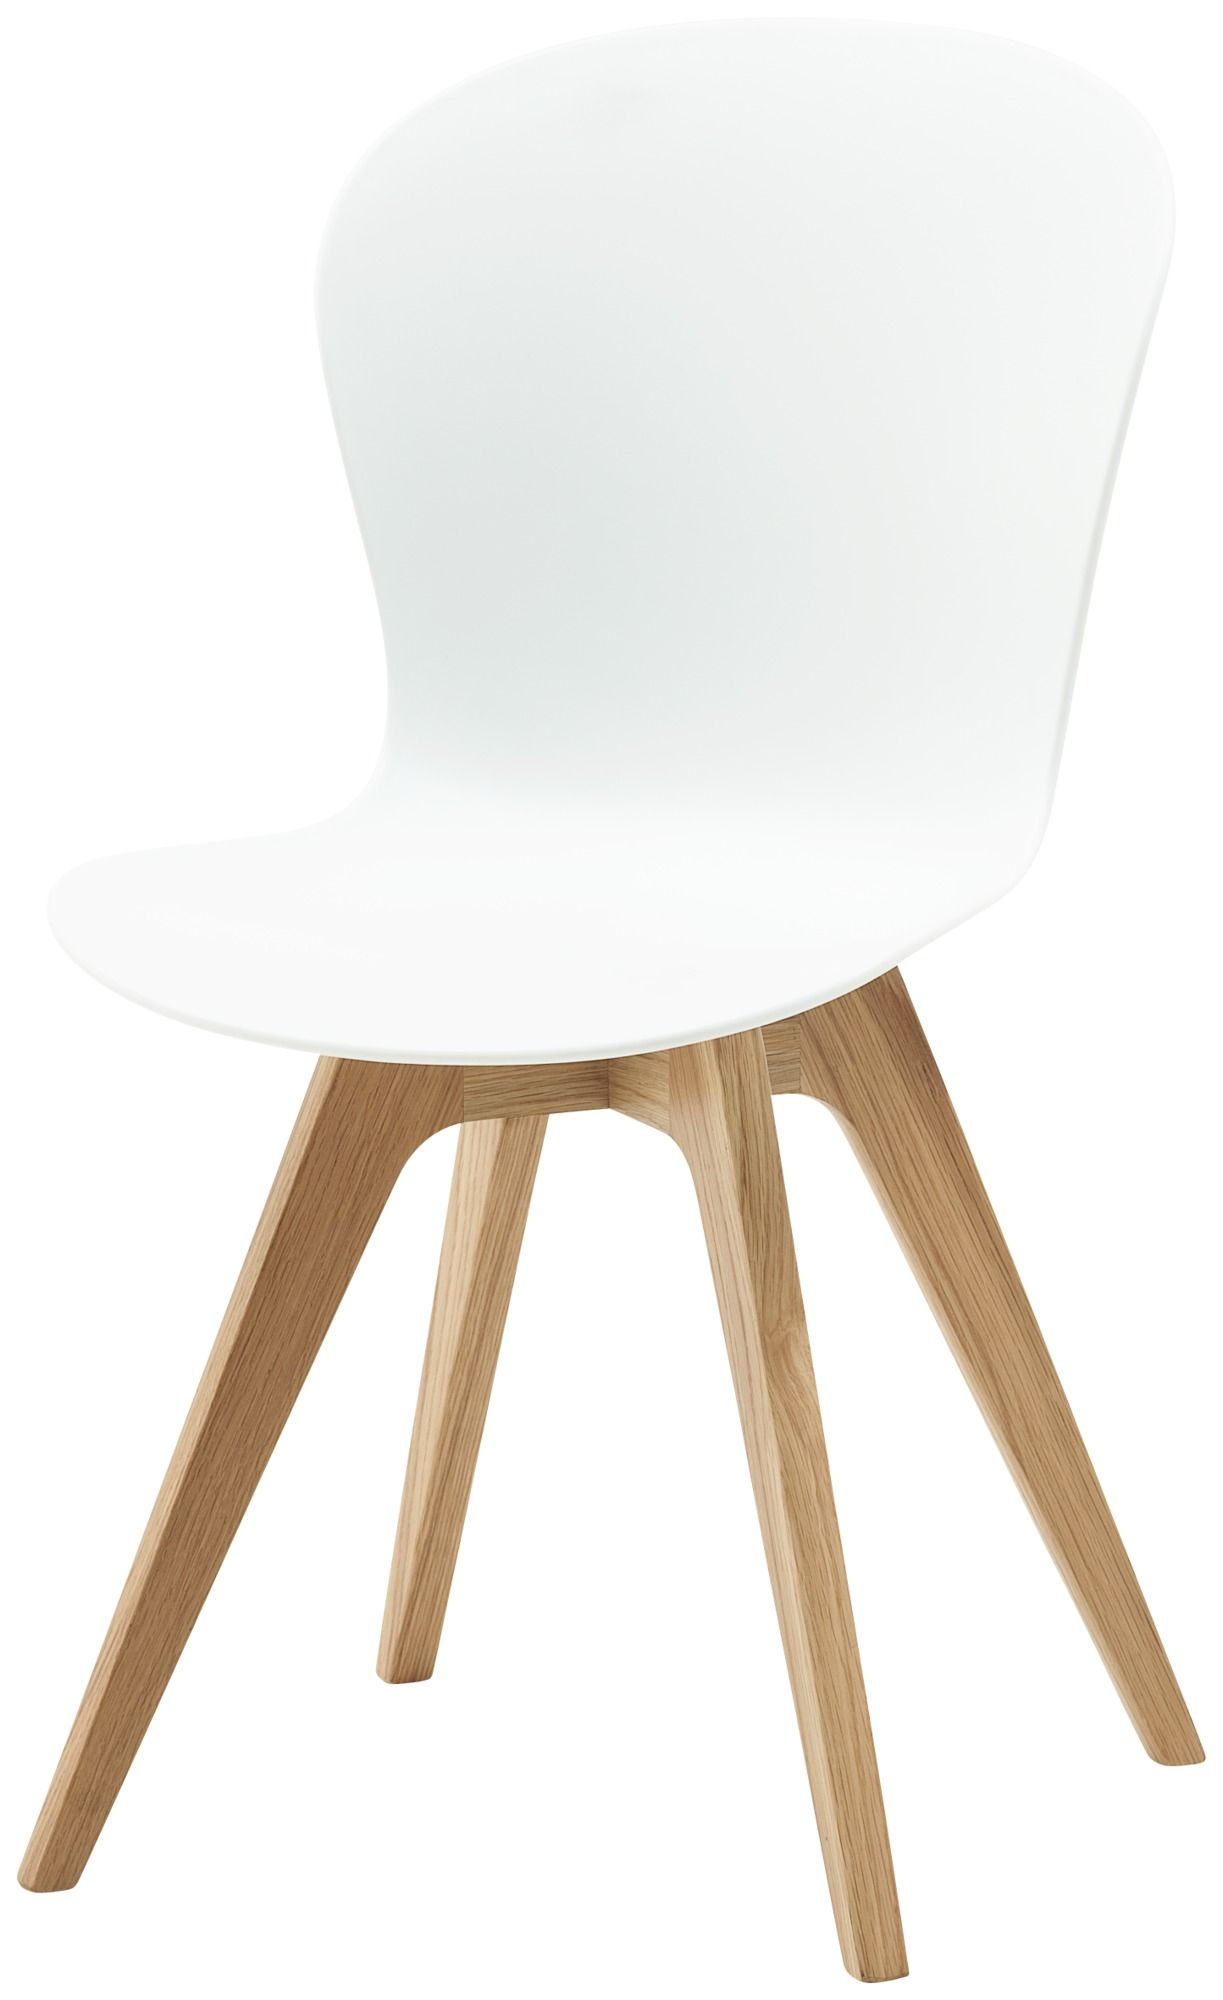 Sillas de comedor modernas calidad de boconcept hogar - Hogar del mueble ingenio ...